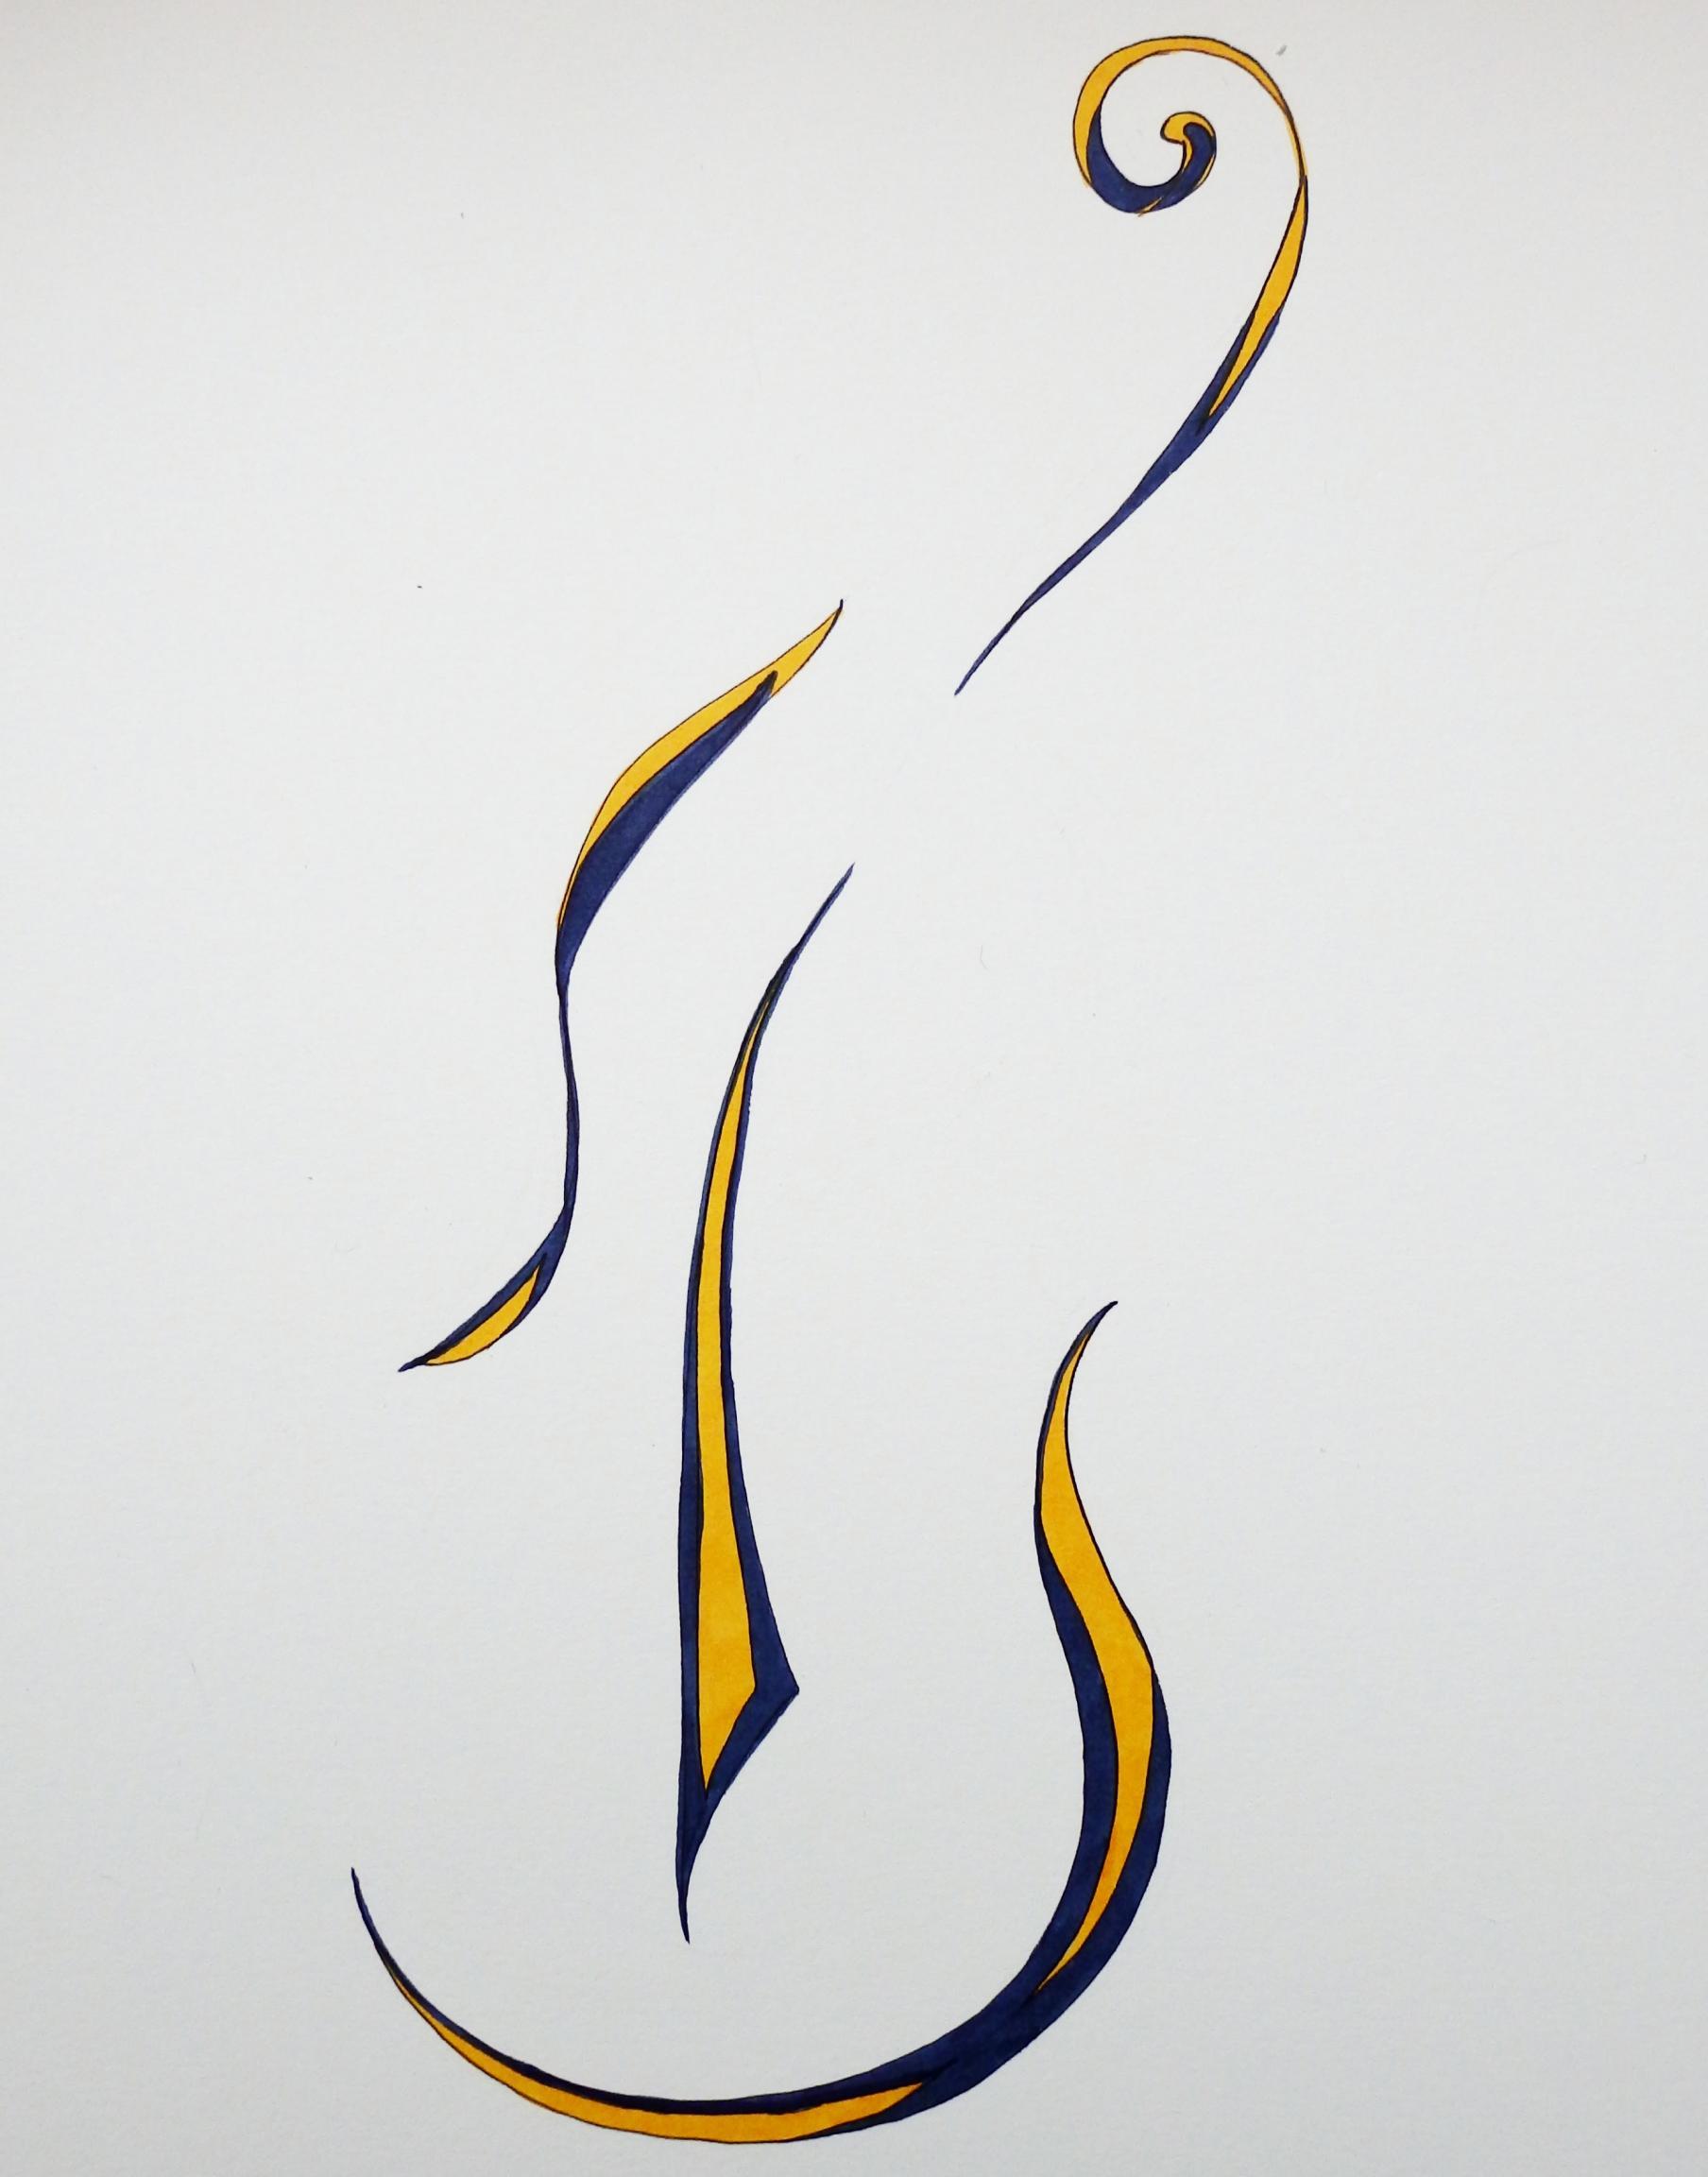 Actualité de Annick Chenu Peintre illustratrice graveur Exposition personnelle à Pontoise